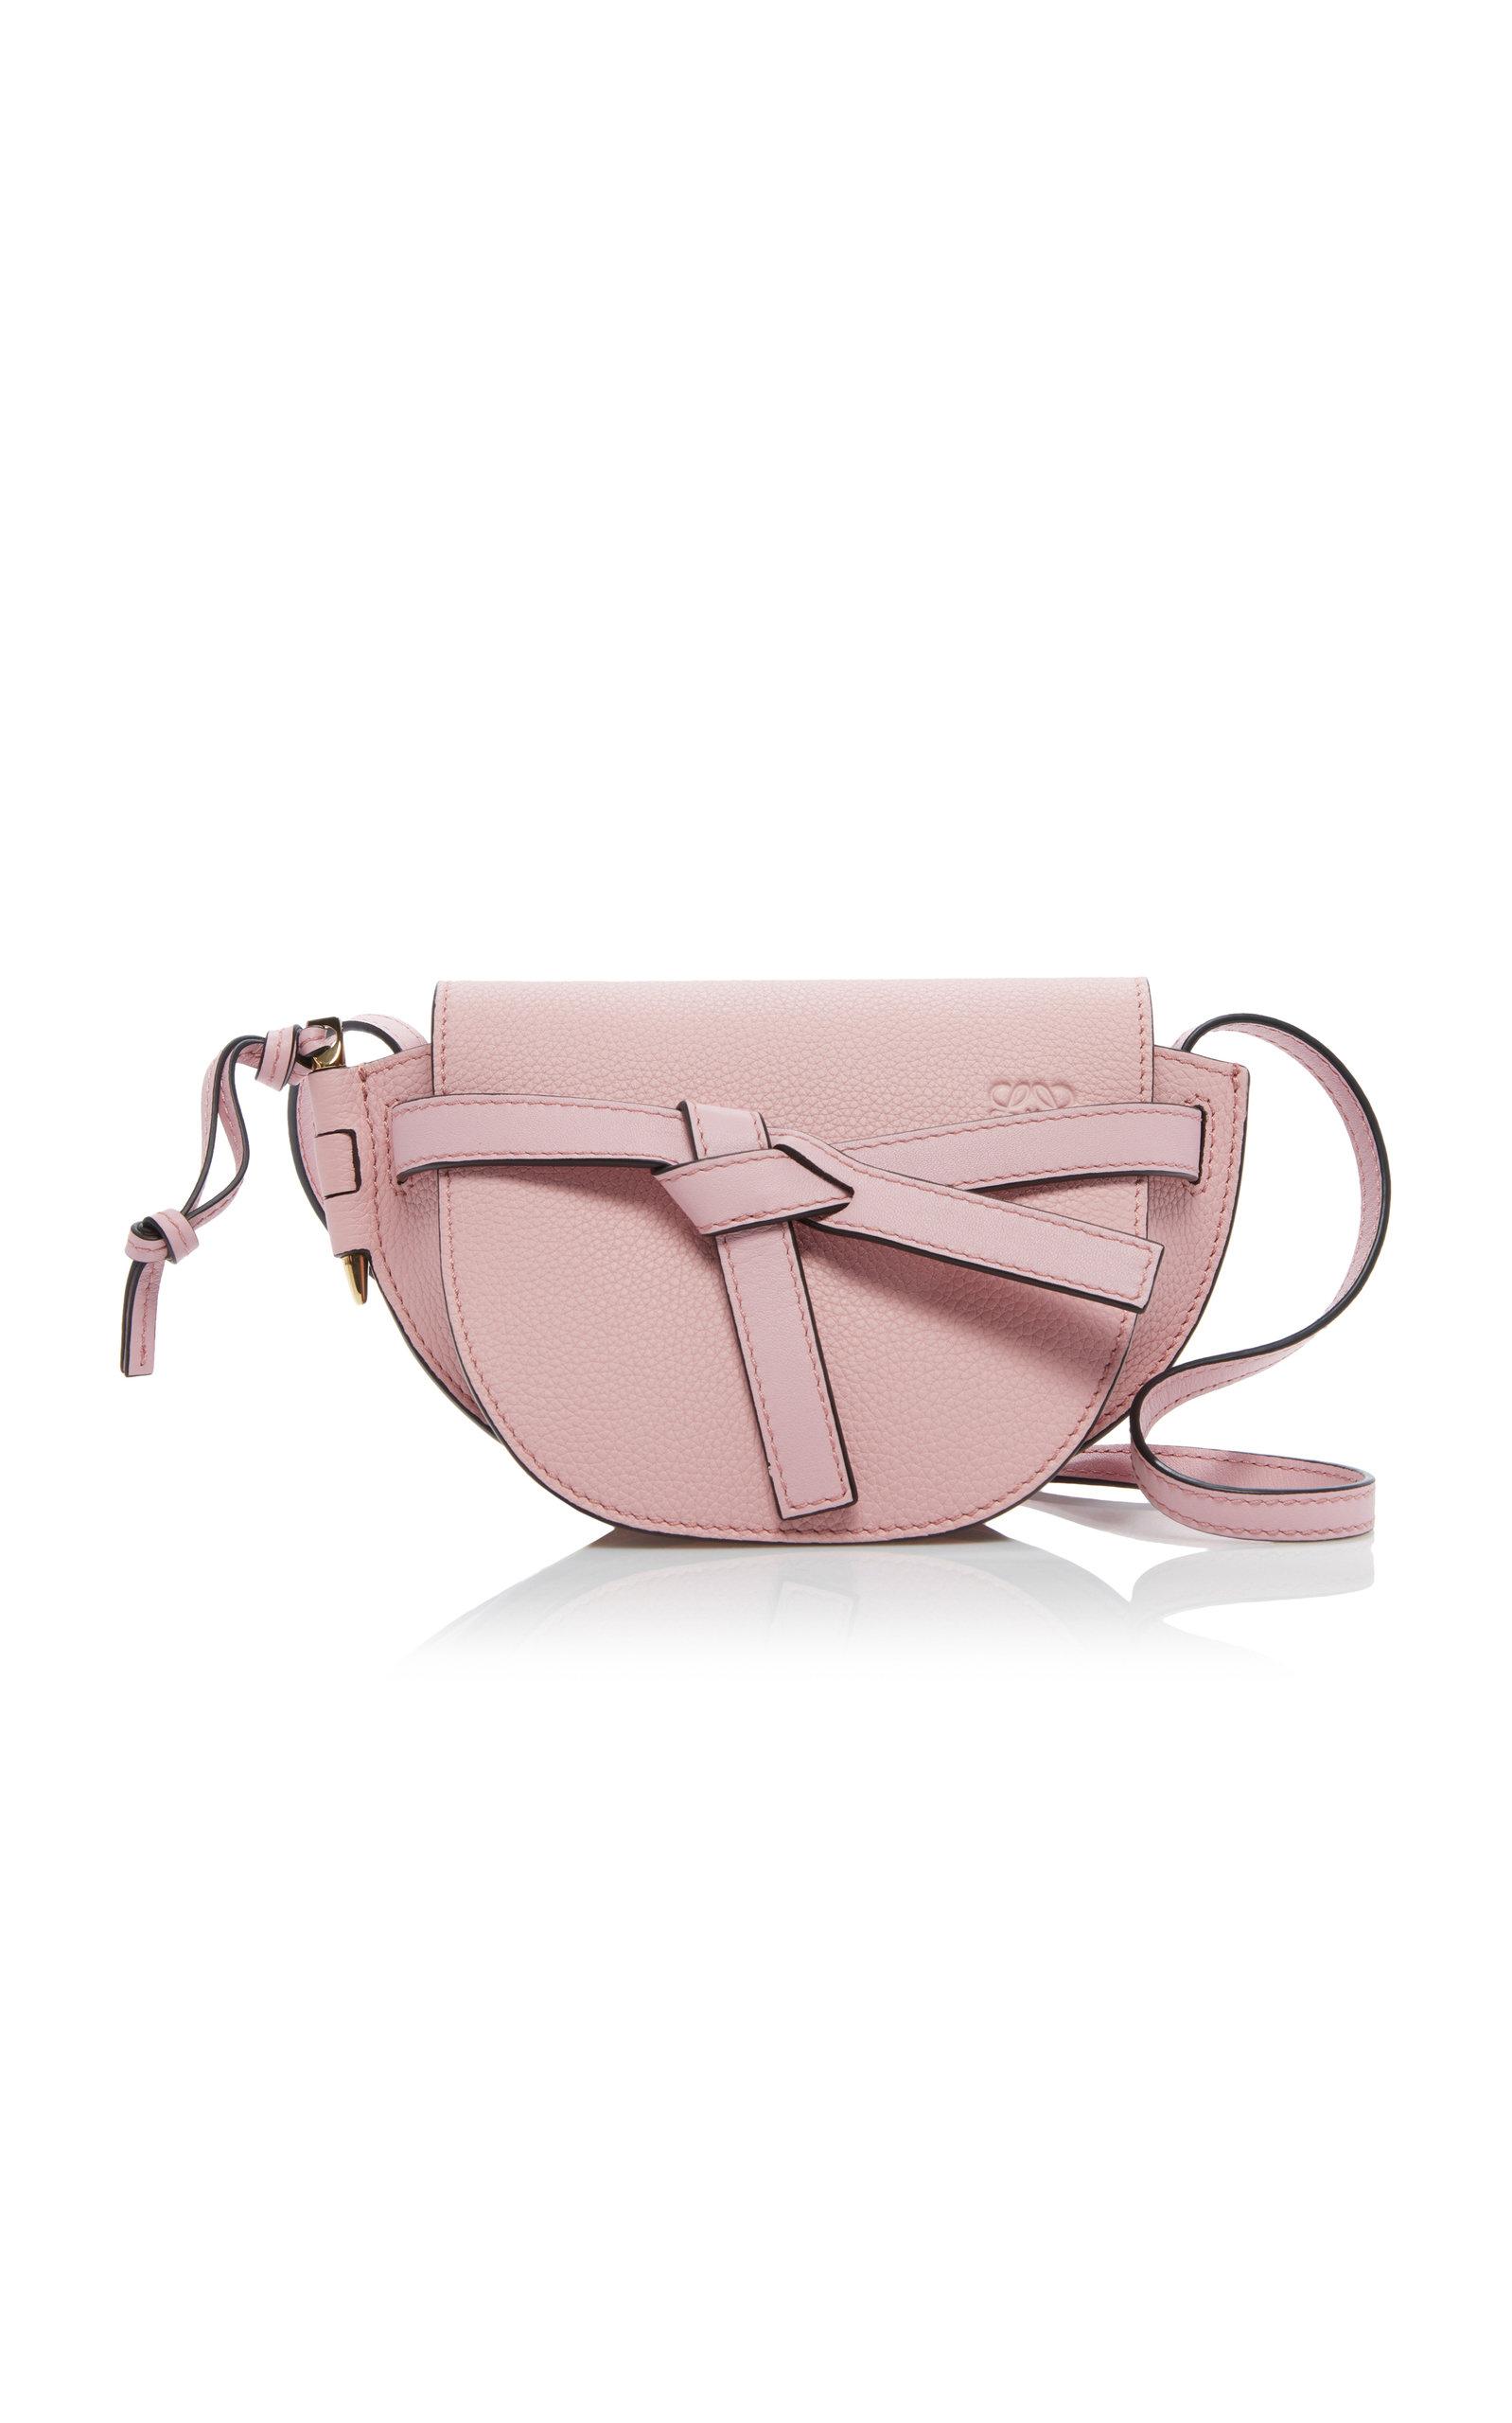 £814.75 + 包邮【Moda Operandi UK】Loewe Mini Gate 马鞍包粉色